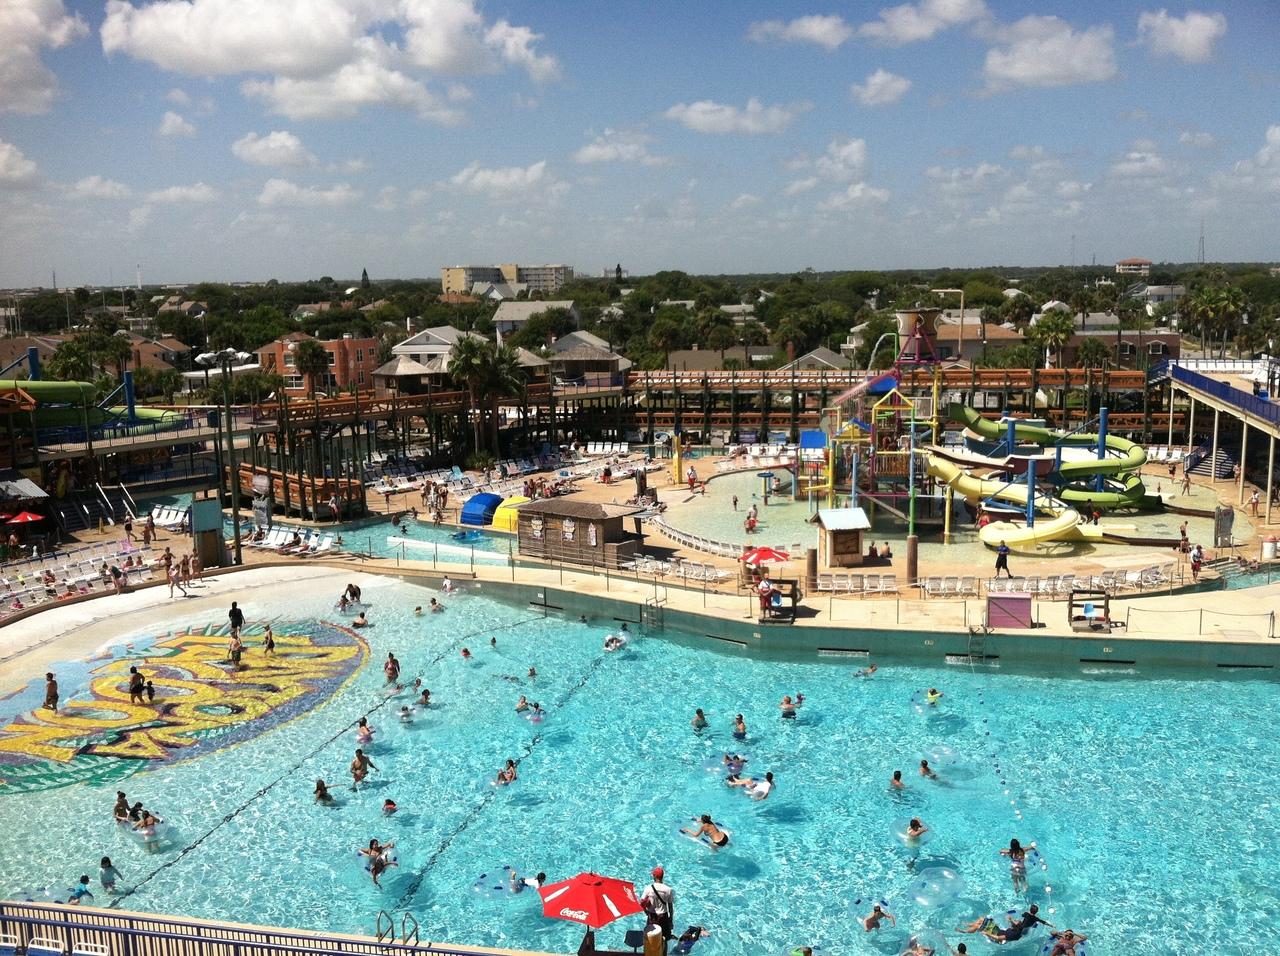 Daytona Lagoon Waterpark Entertainment Center | Daytona Beach, FL ...